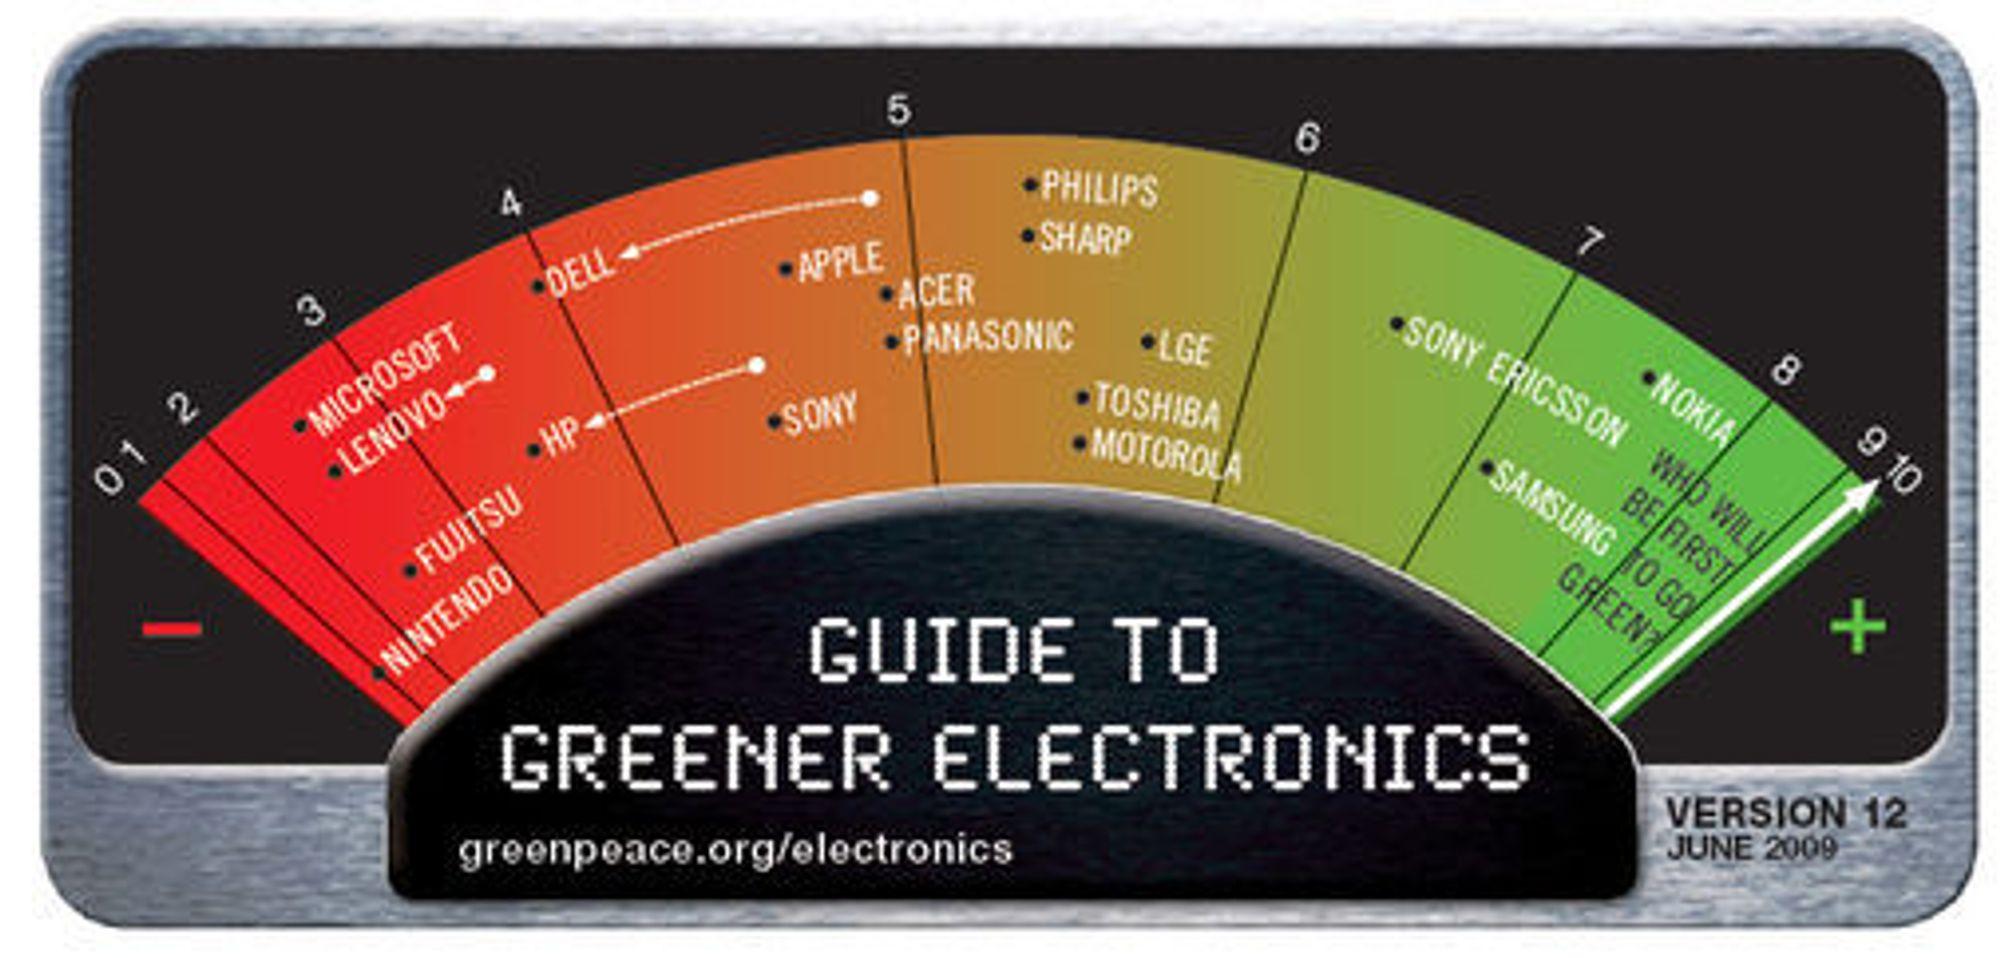 Versjon 12 av Guide to Greener Electronics, utgitt av Greenpeace.